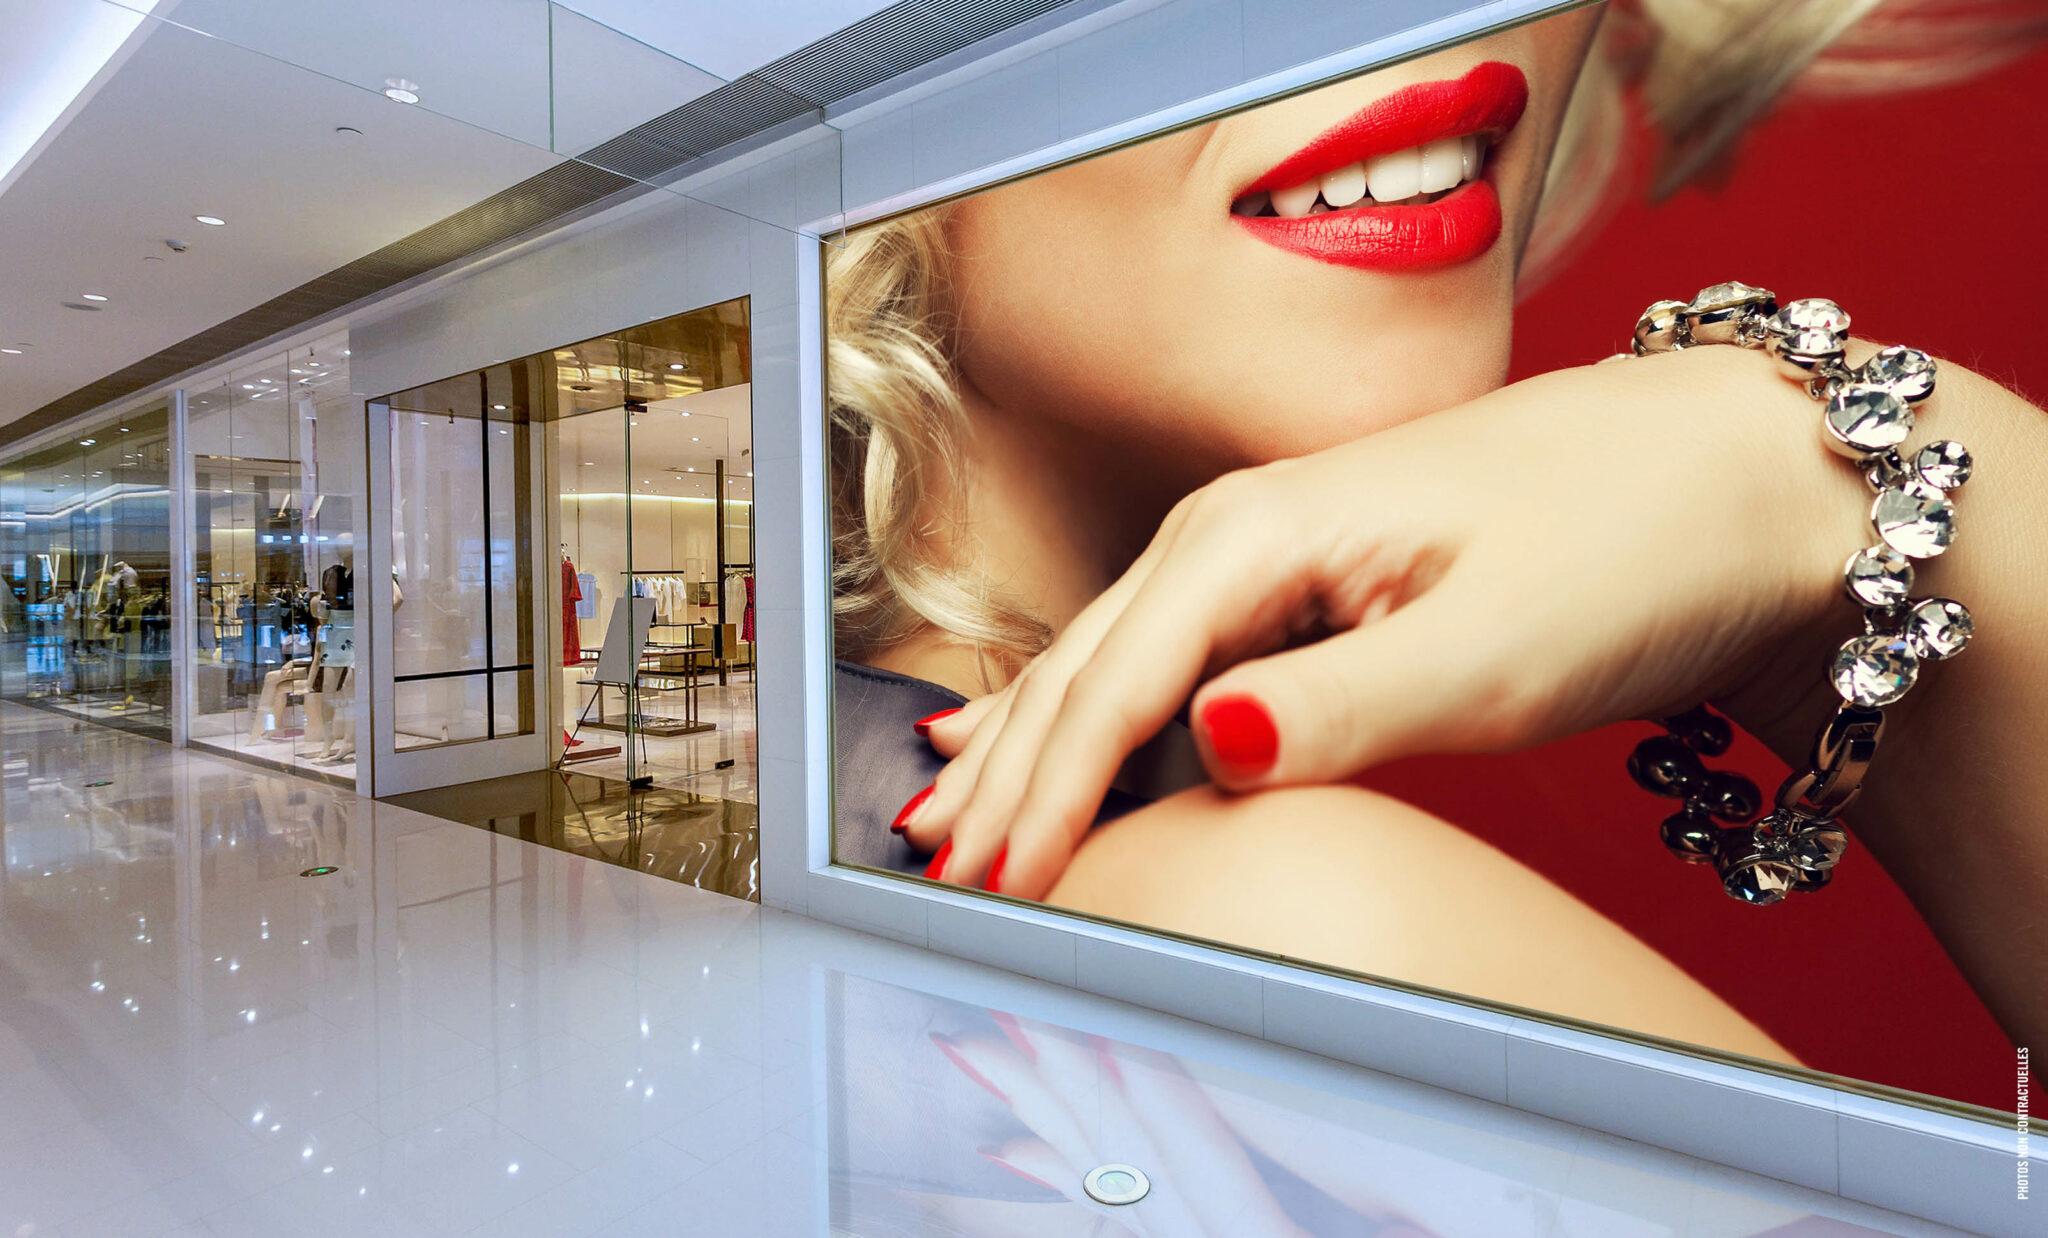 écran LED affichage dynamique galerie centre commercial